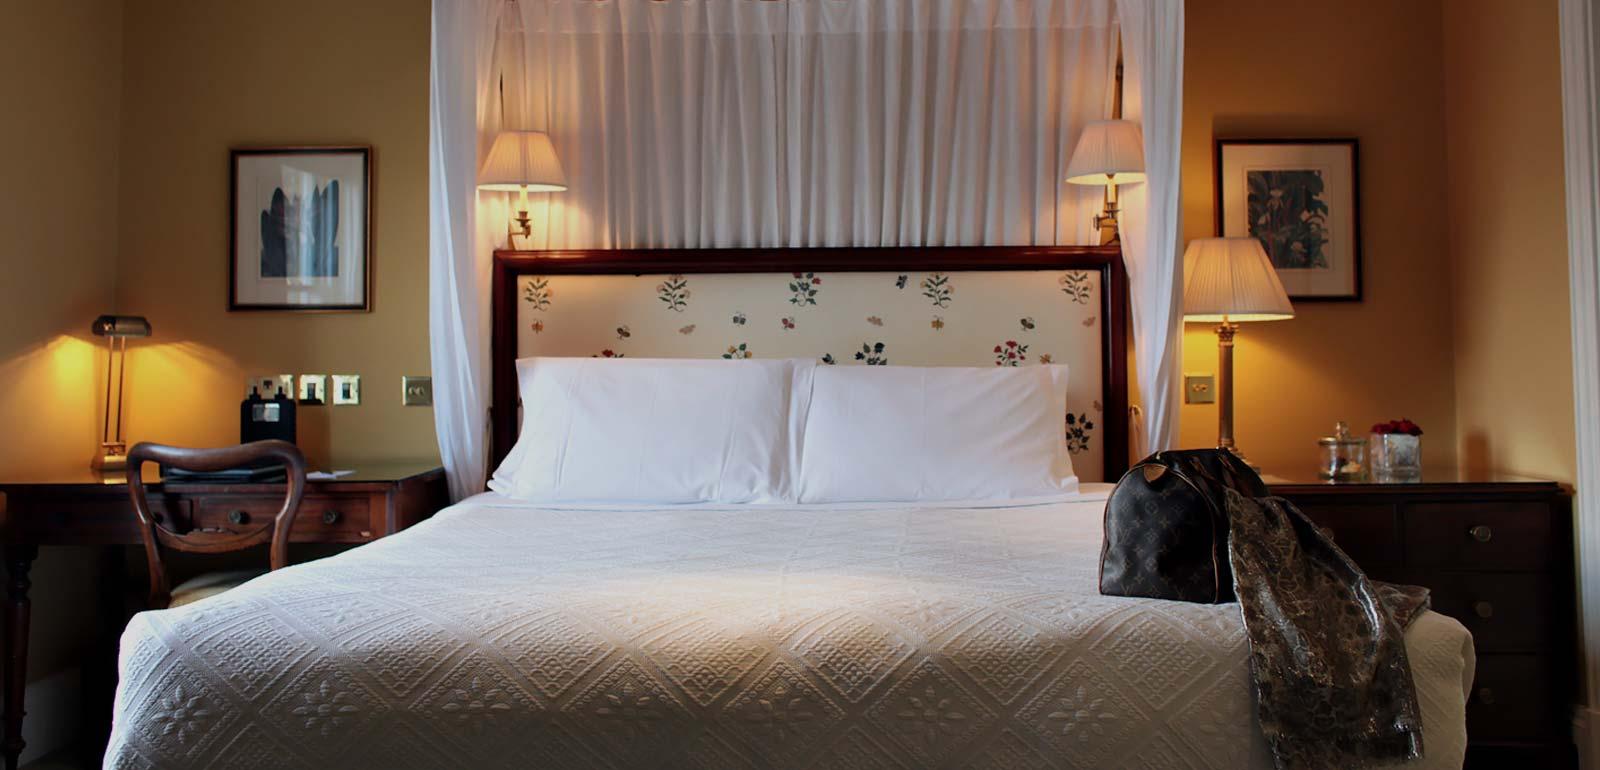 Hotel Bedroom of Roseate London